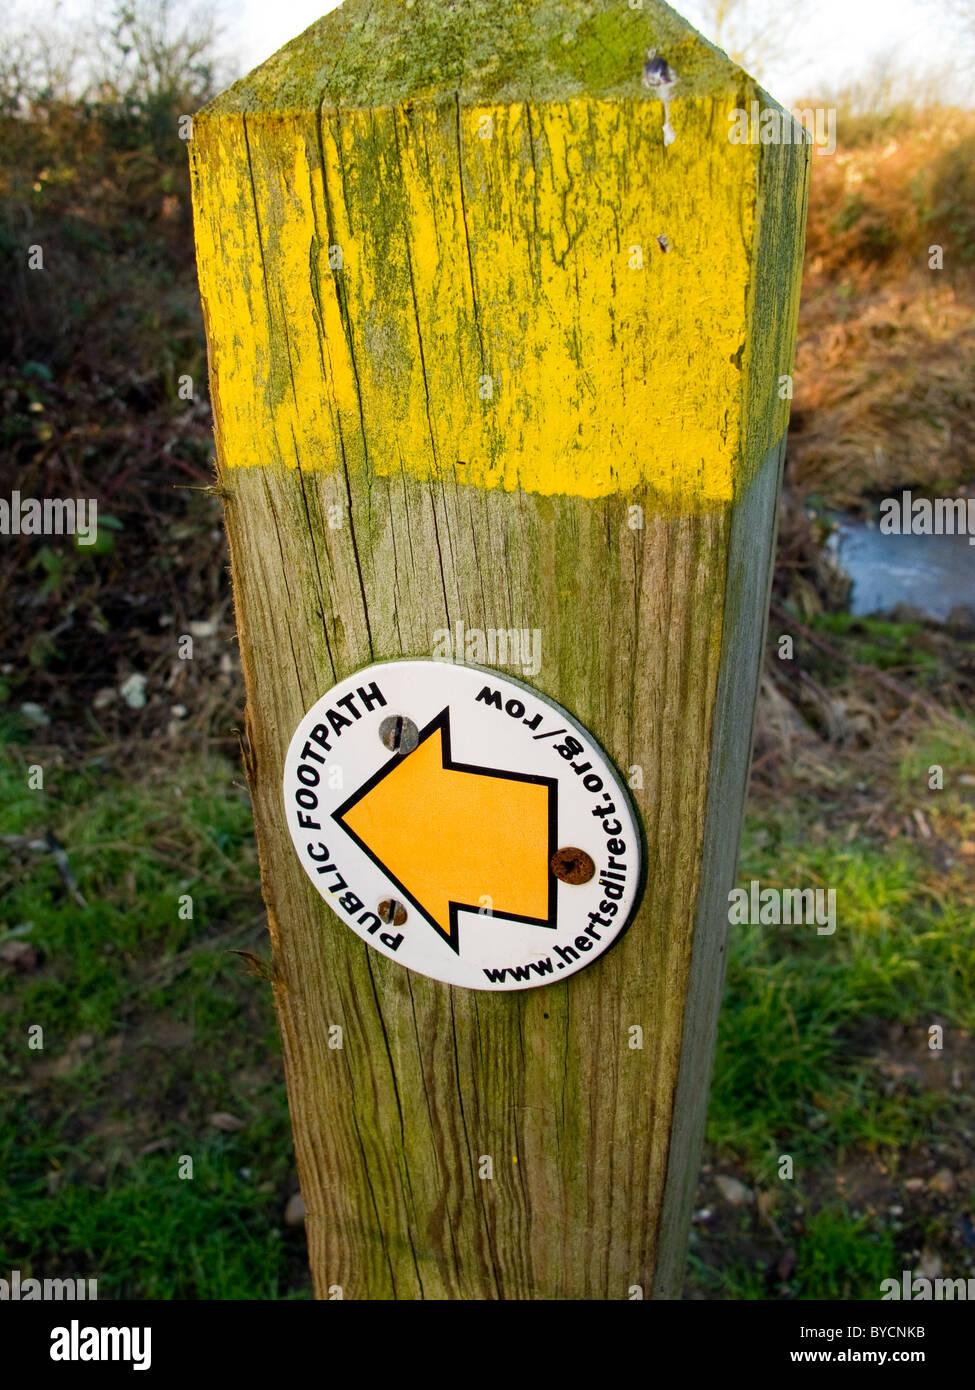 Öffentlichen Fußweg Schild mit gelber Pfeil auf einem hölzernen Pfosten über den Fußweg Stockbild